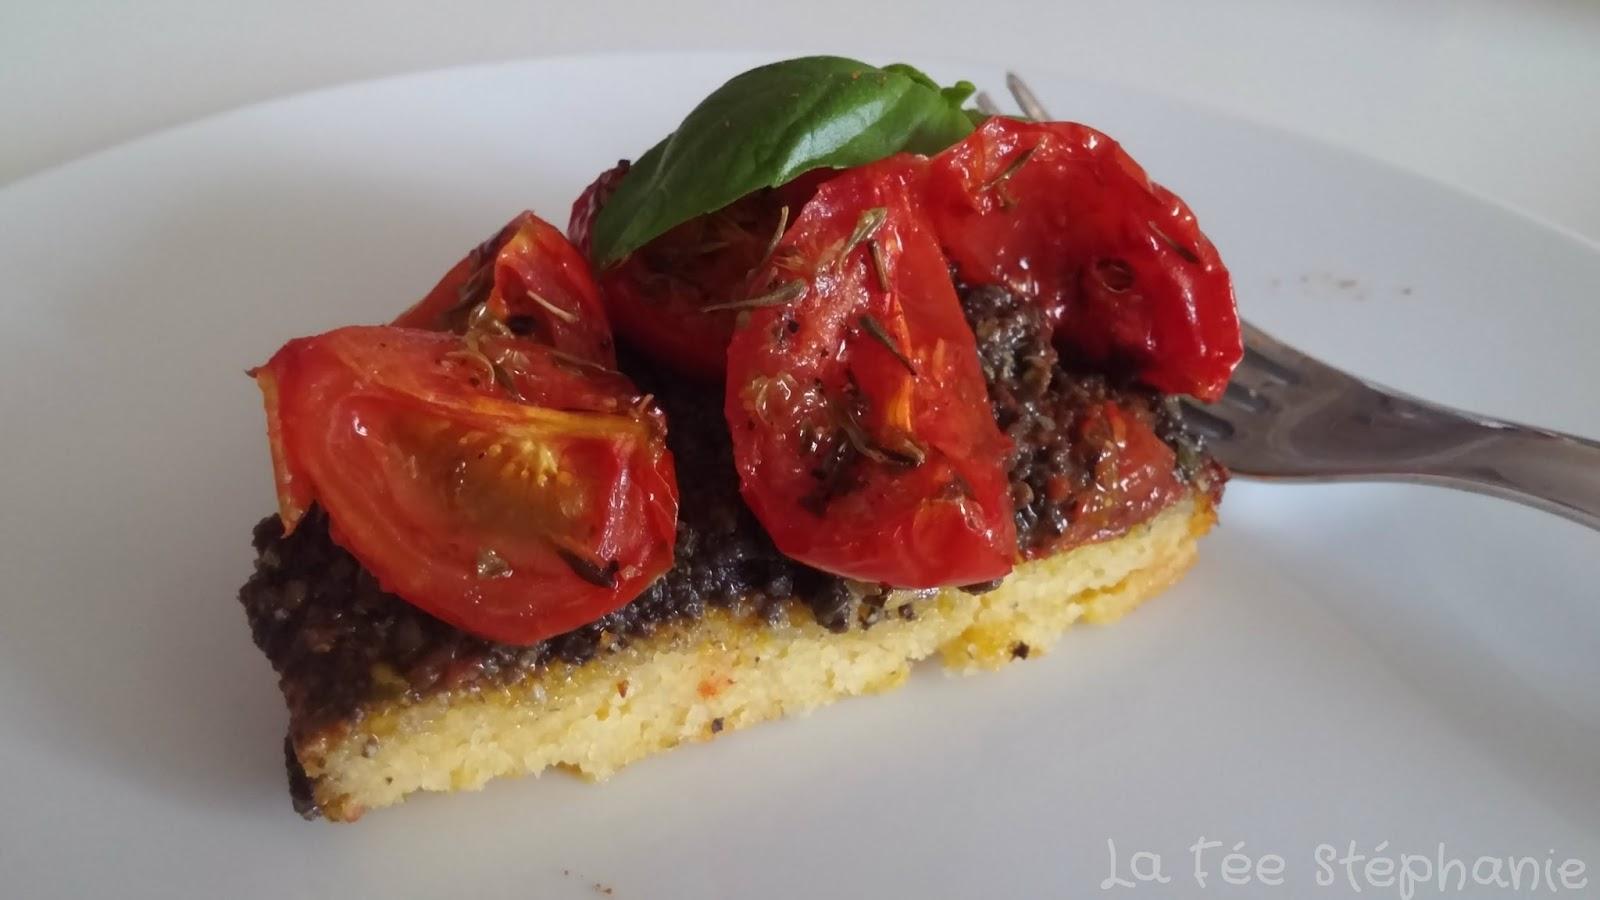 Galettes de polenta tapenade aux olives et tomates cerises au four la f e st phanie - Polenta cuisson au four ...